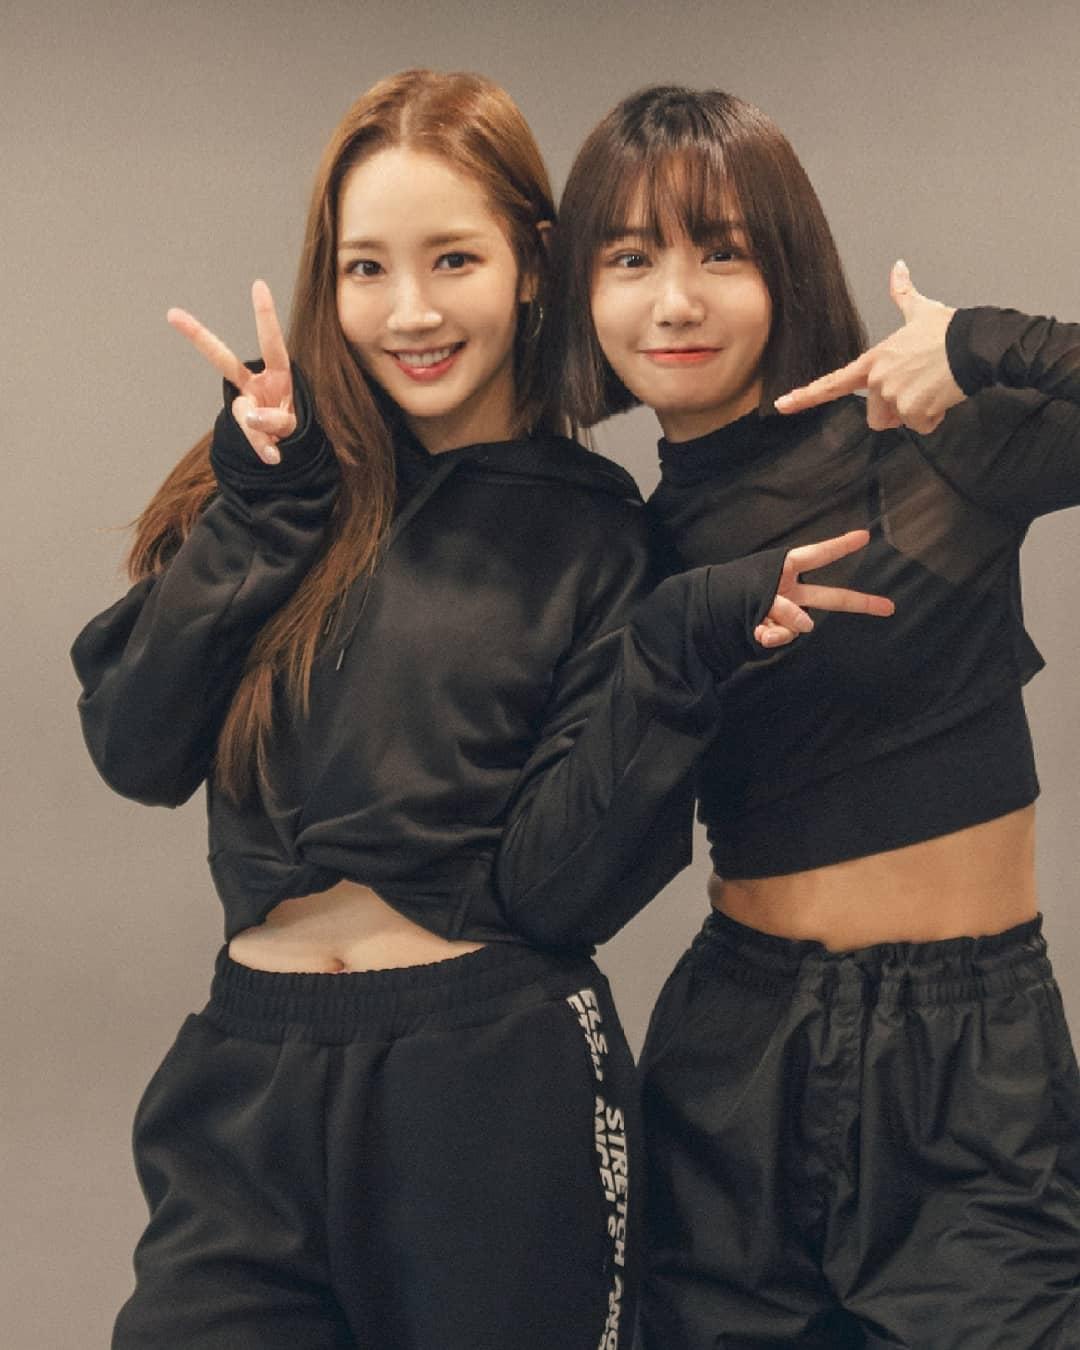 這次朴敏英的舞蹈老師就是韓國超有名的舞蹈教室「1 Million Dance studio」裡的老師May J,兩人驚喜合作吸引許多人觀看!